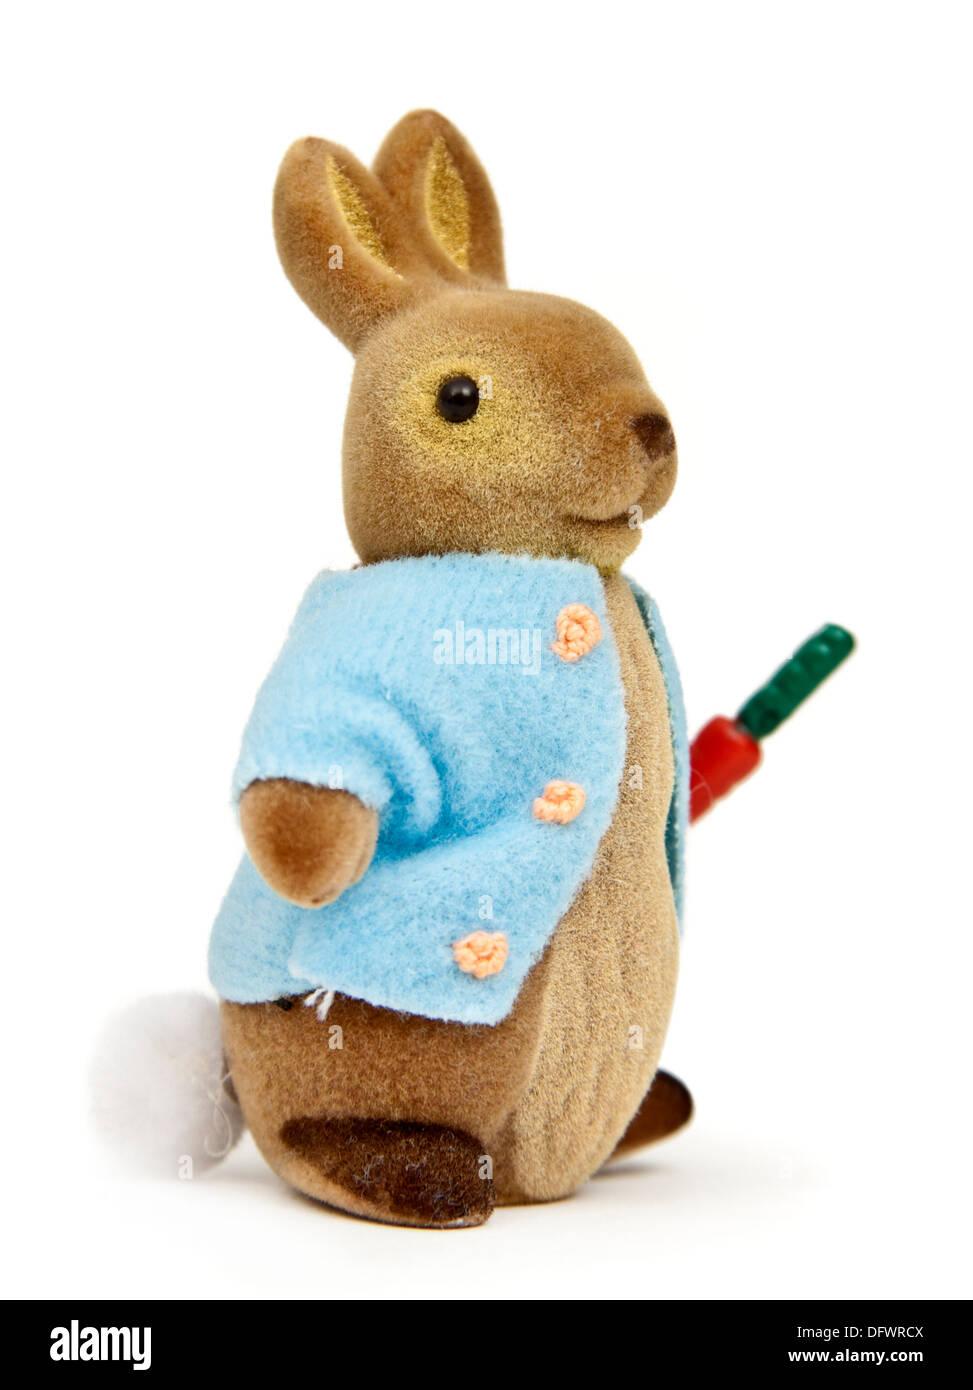 """Peter Rabbit plush toy basée sur """"Le conte de Pierre Lapin' par Beatrix Potter Photo Stock"""